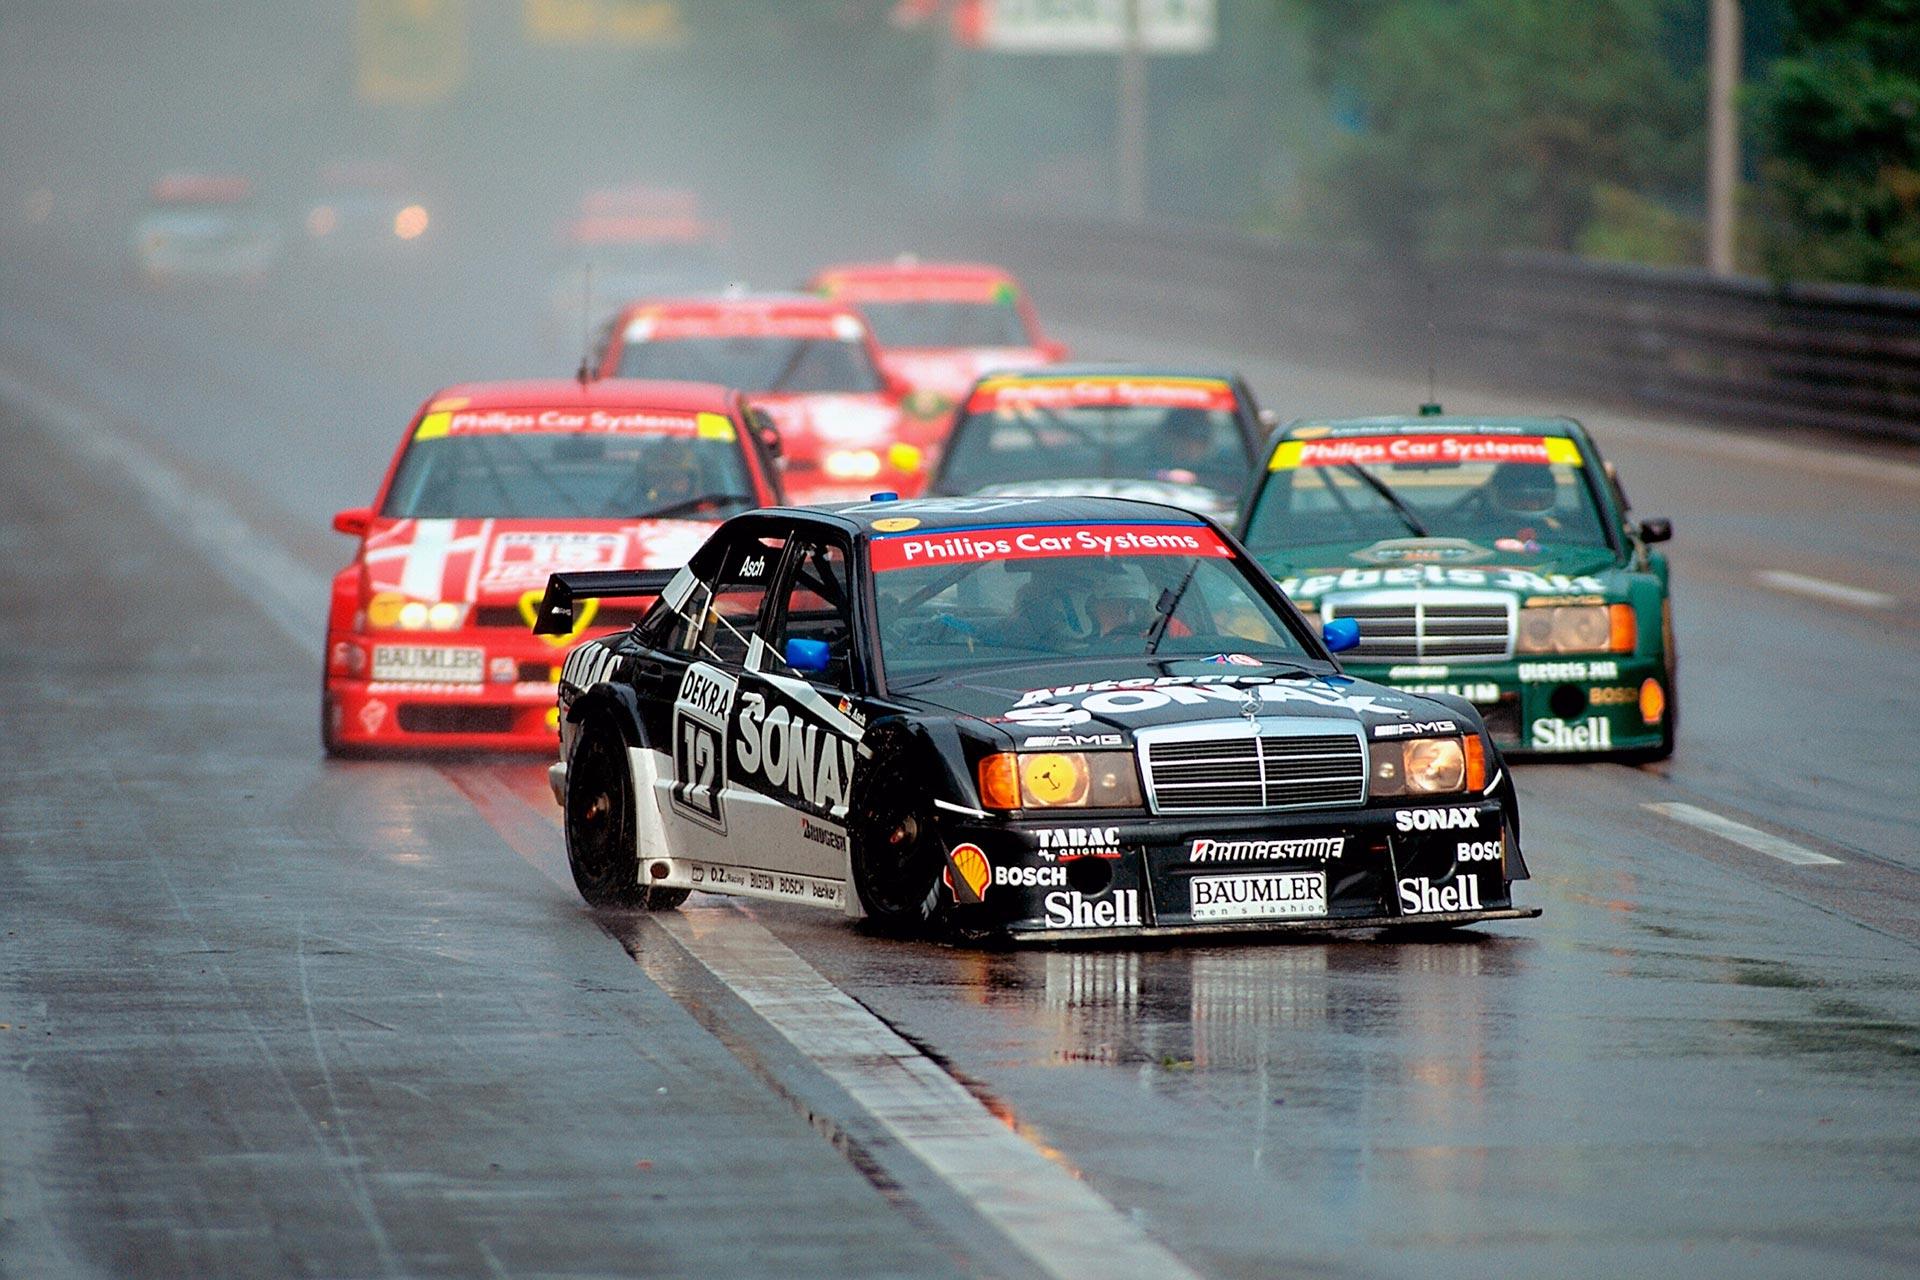 AMG Mercedes Rennsport-Tourenwagen 190 E Klasse 1 der Baureihe W 201. Eingesetzt in der Deutschen Tourenwagen-Meisterschaft (DTM). Fahrzeug von Roland Asch beim ADAC Avus-Rennen in Berlin am 12. September 1993. Asch gewinnt beide Läufe des Rennens.